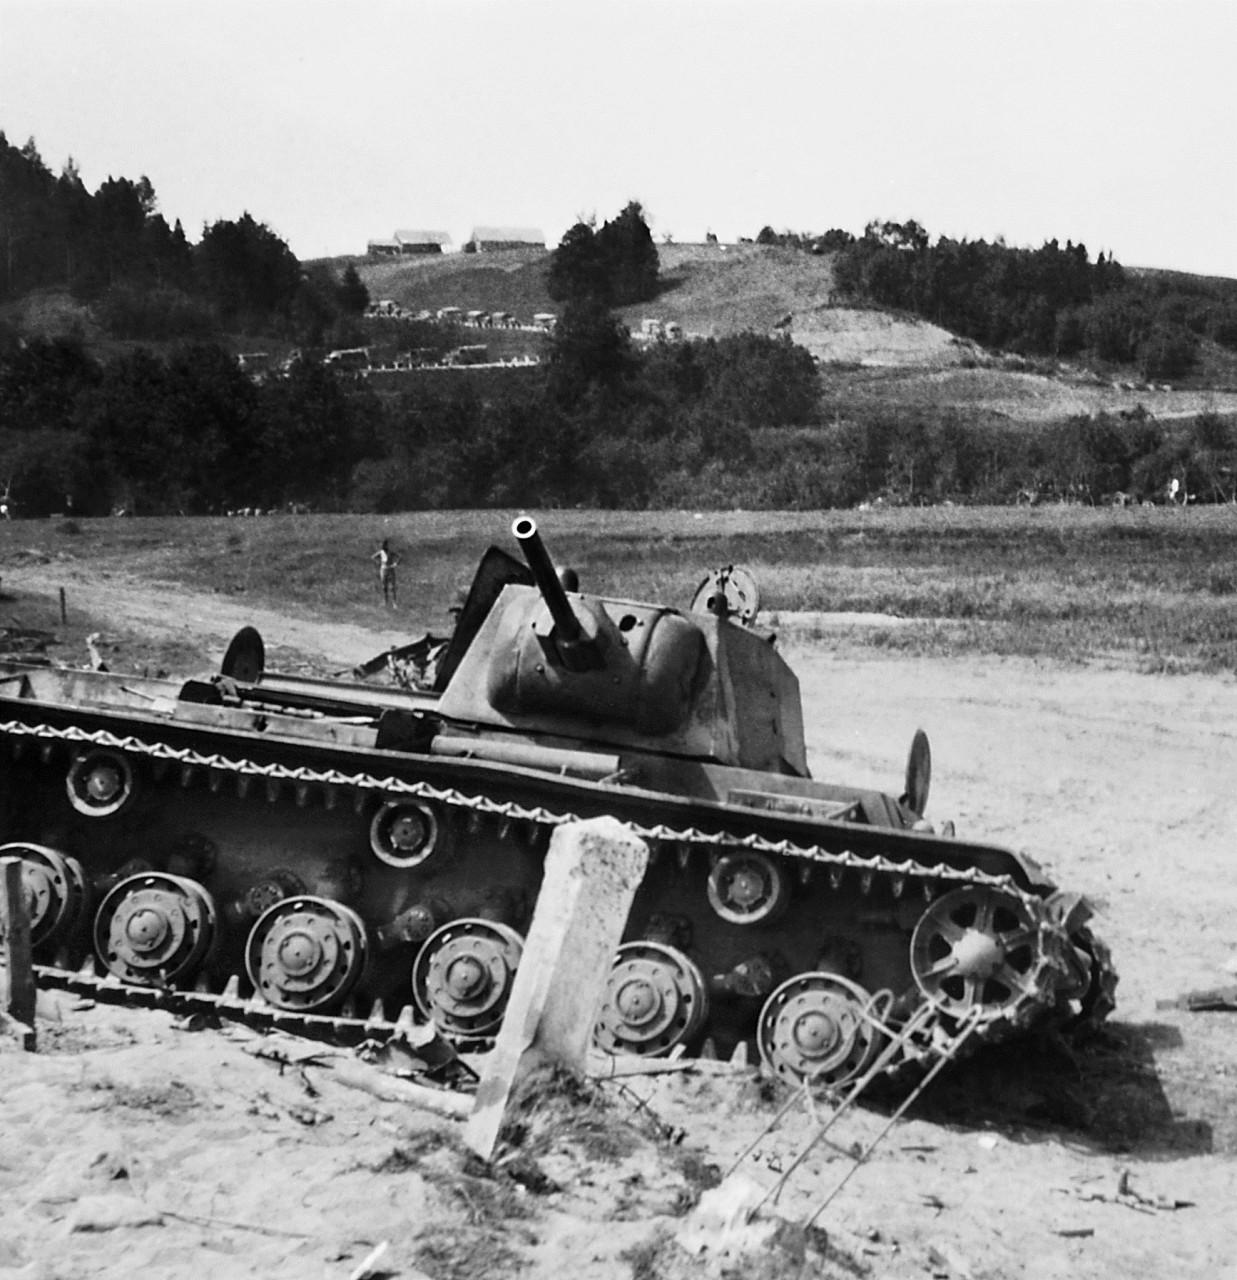 Один против дивизии: история боя танка КВ с немецкими частями в июне 1941 года